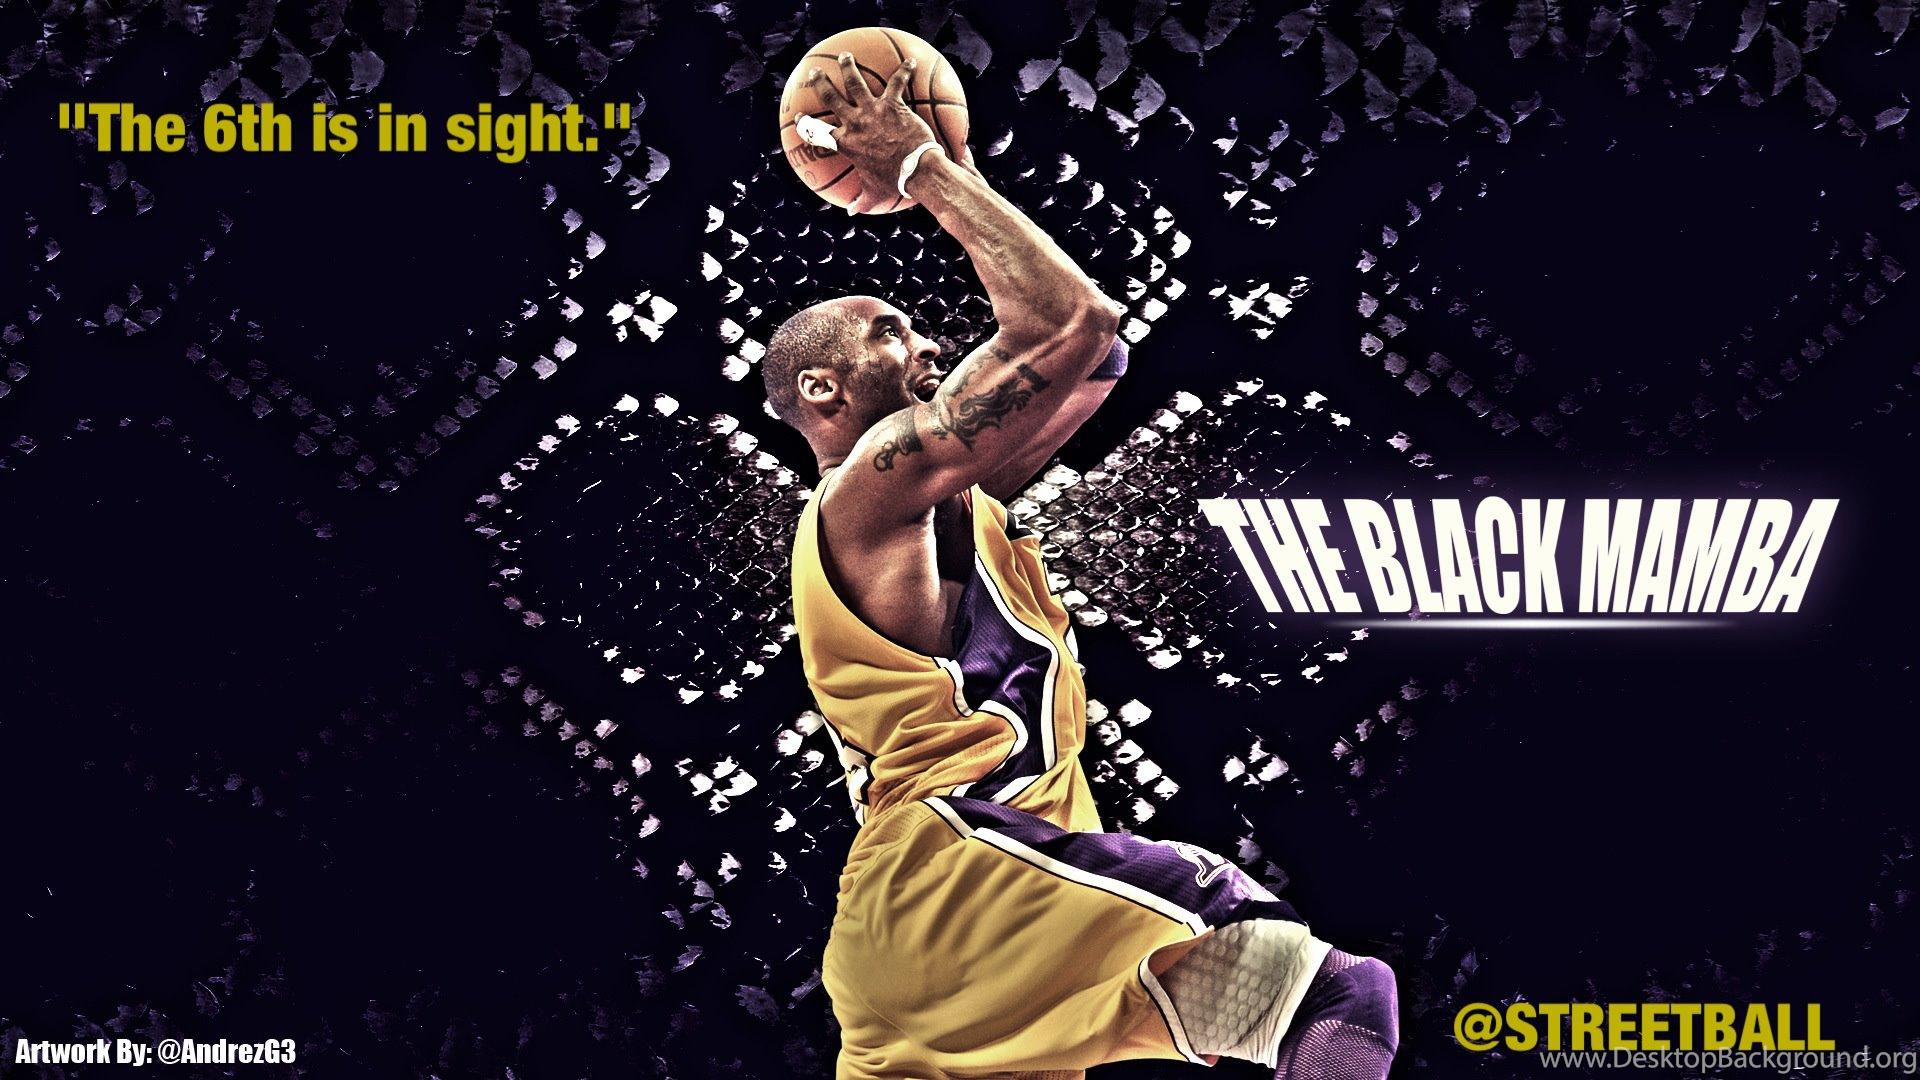 Wallpapers Lakers Kobe Bryant Black Mamba Hd Playoffs Streetball